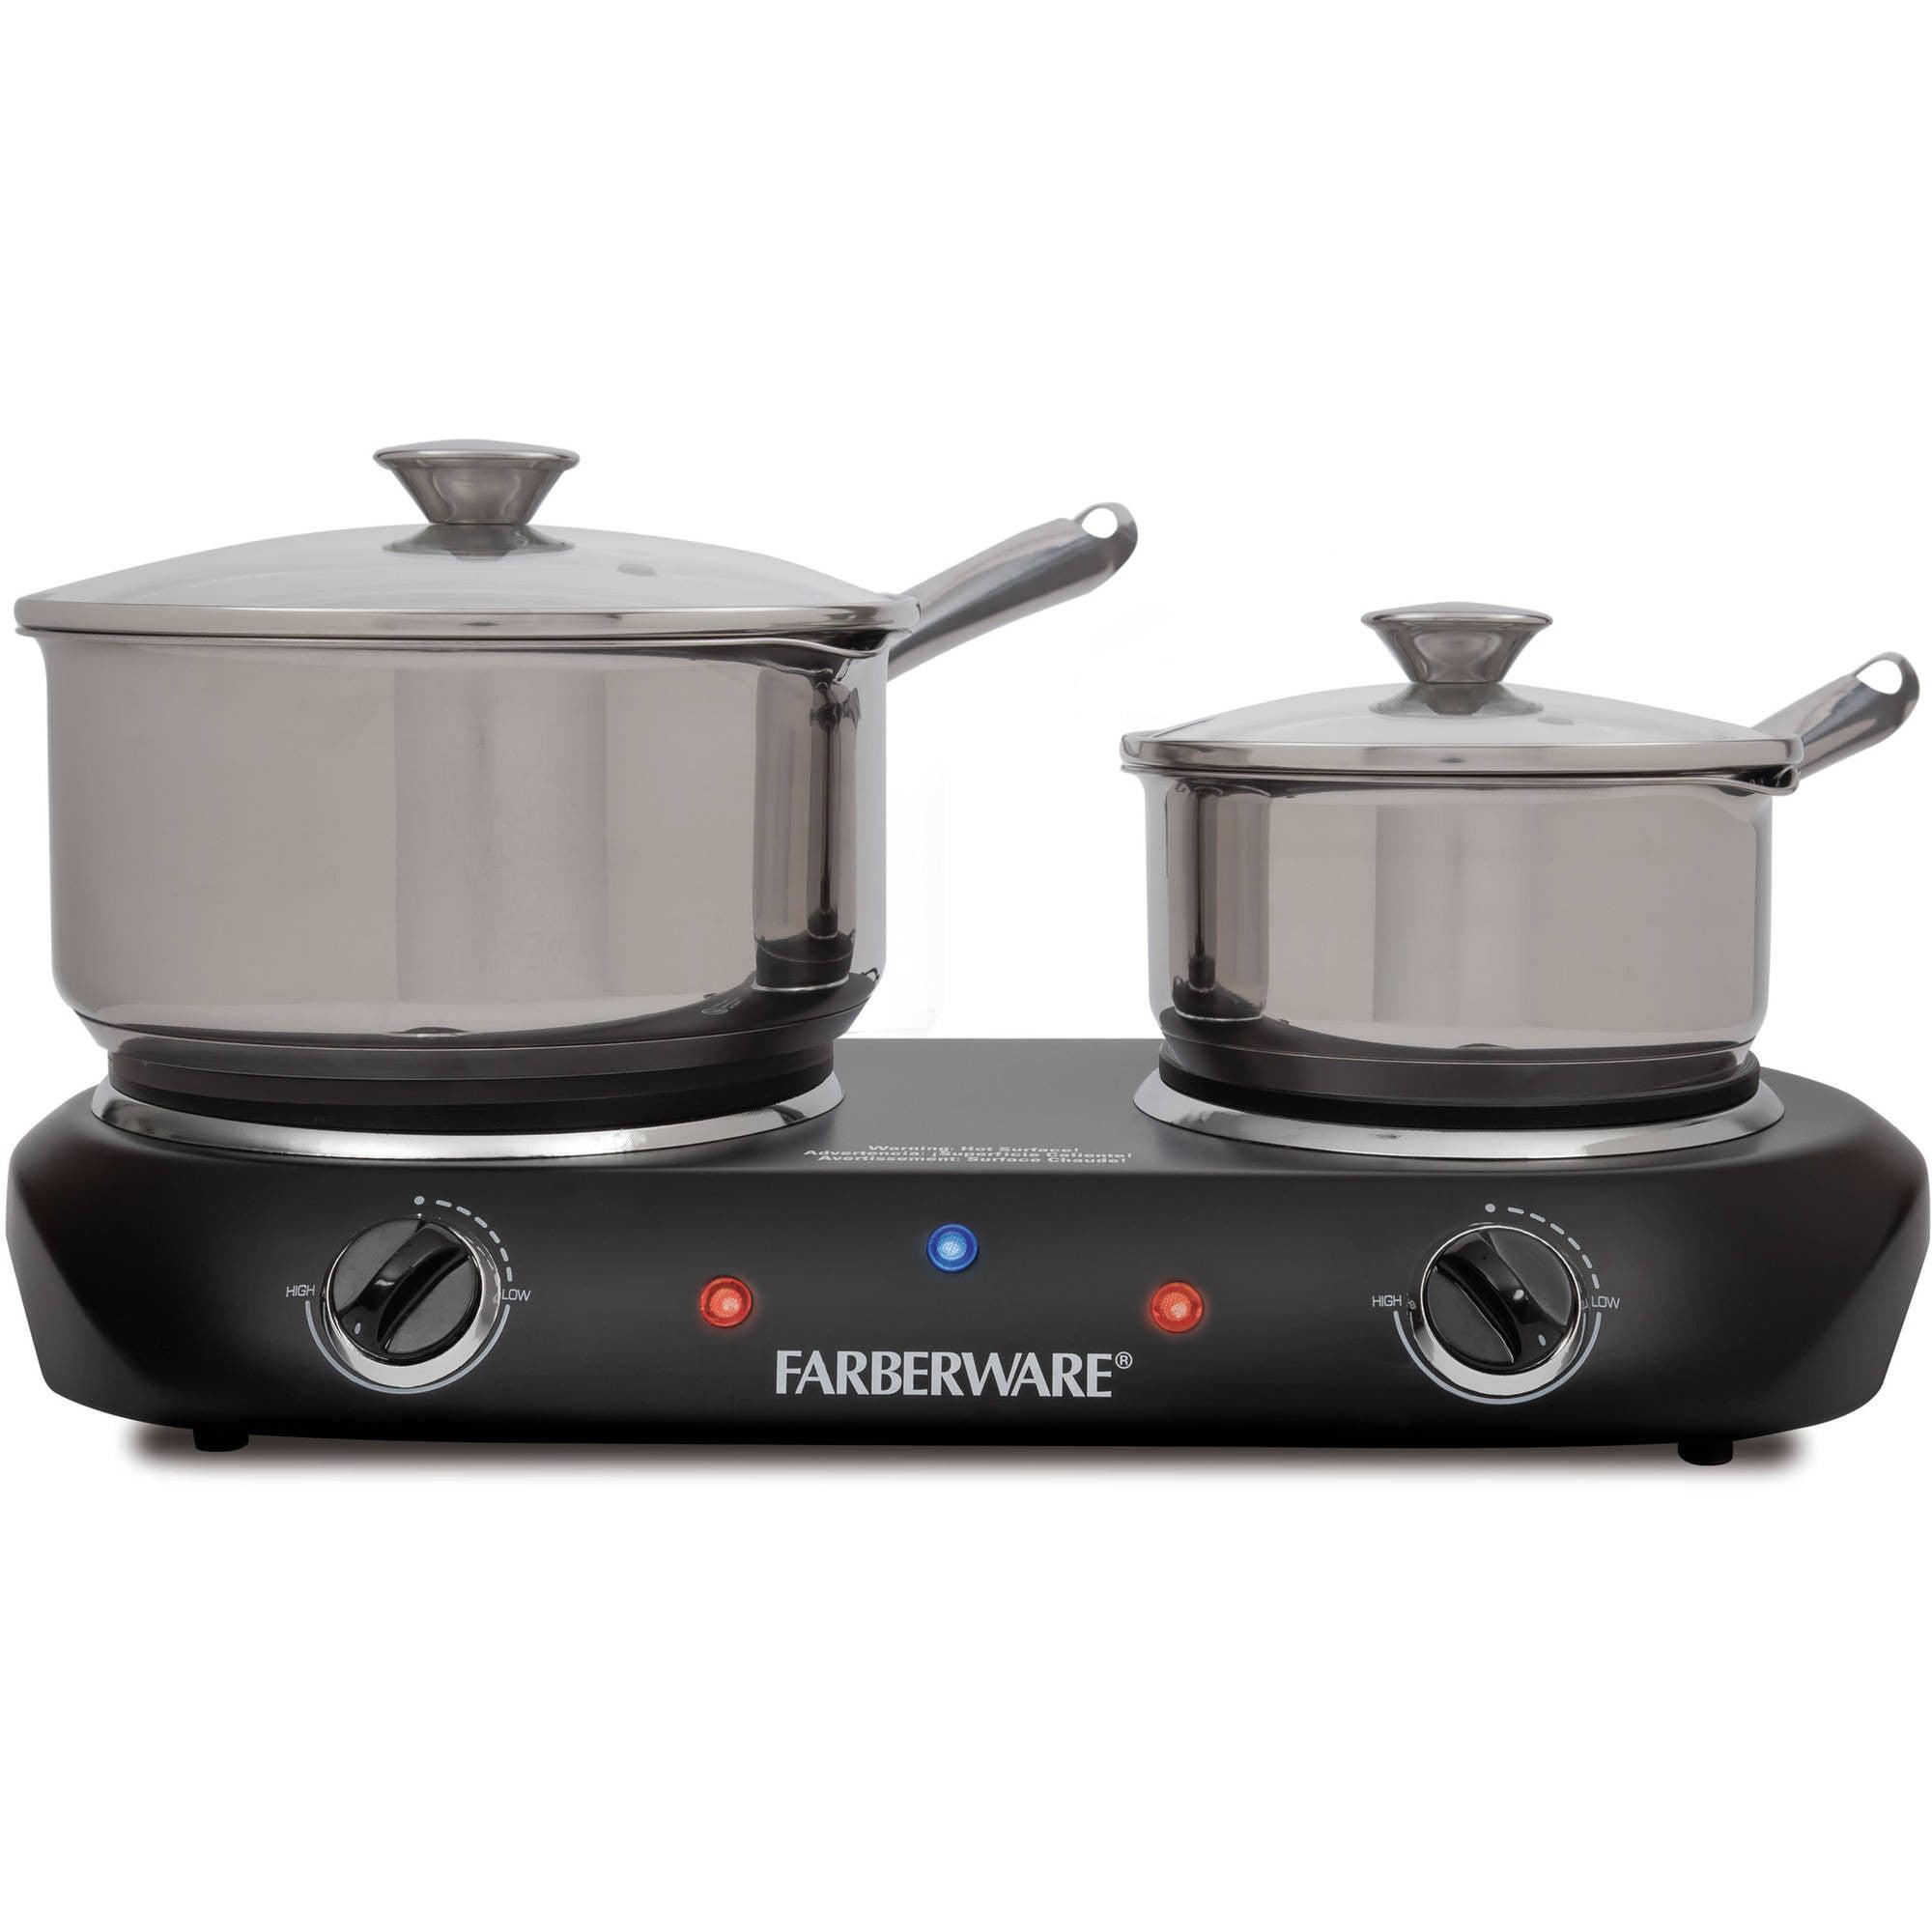 Farberware Black 1500 Watt Double Burner Electric Cooktop